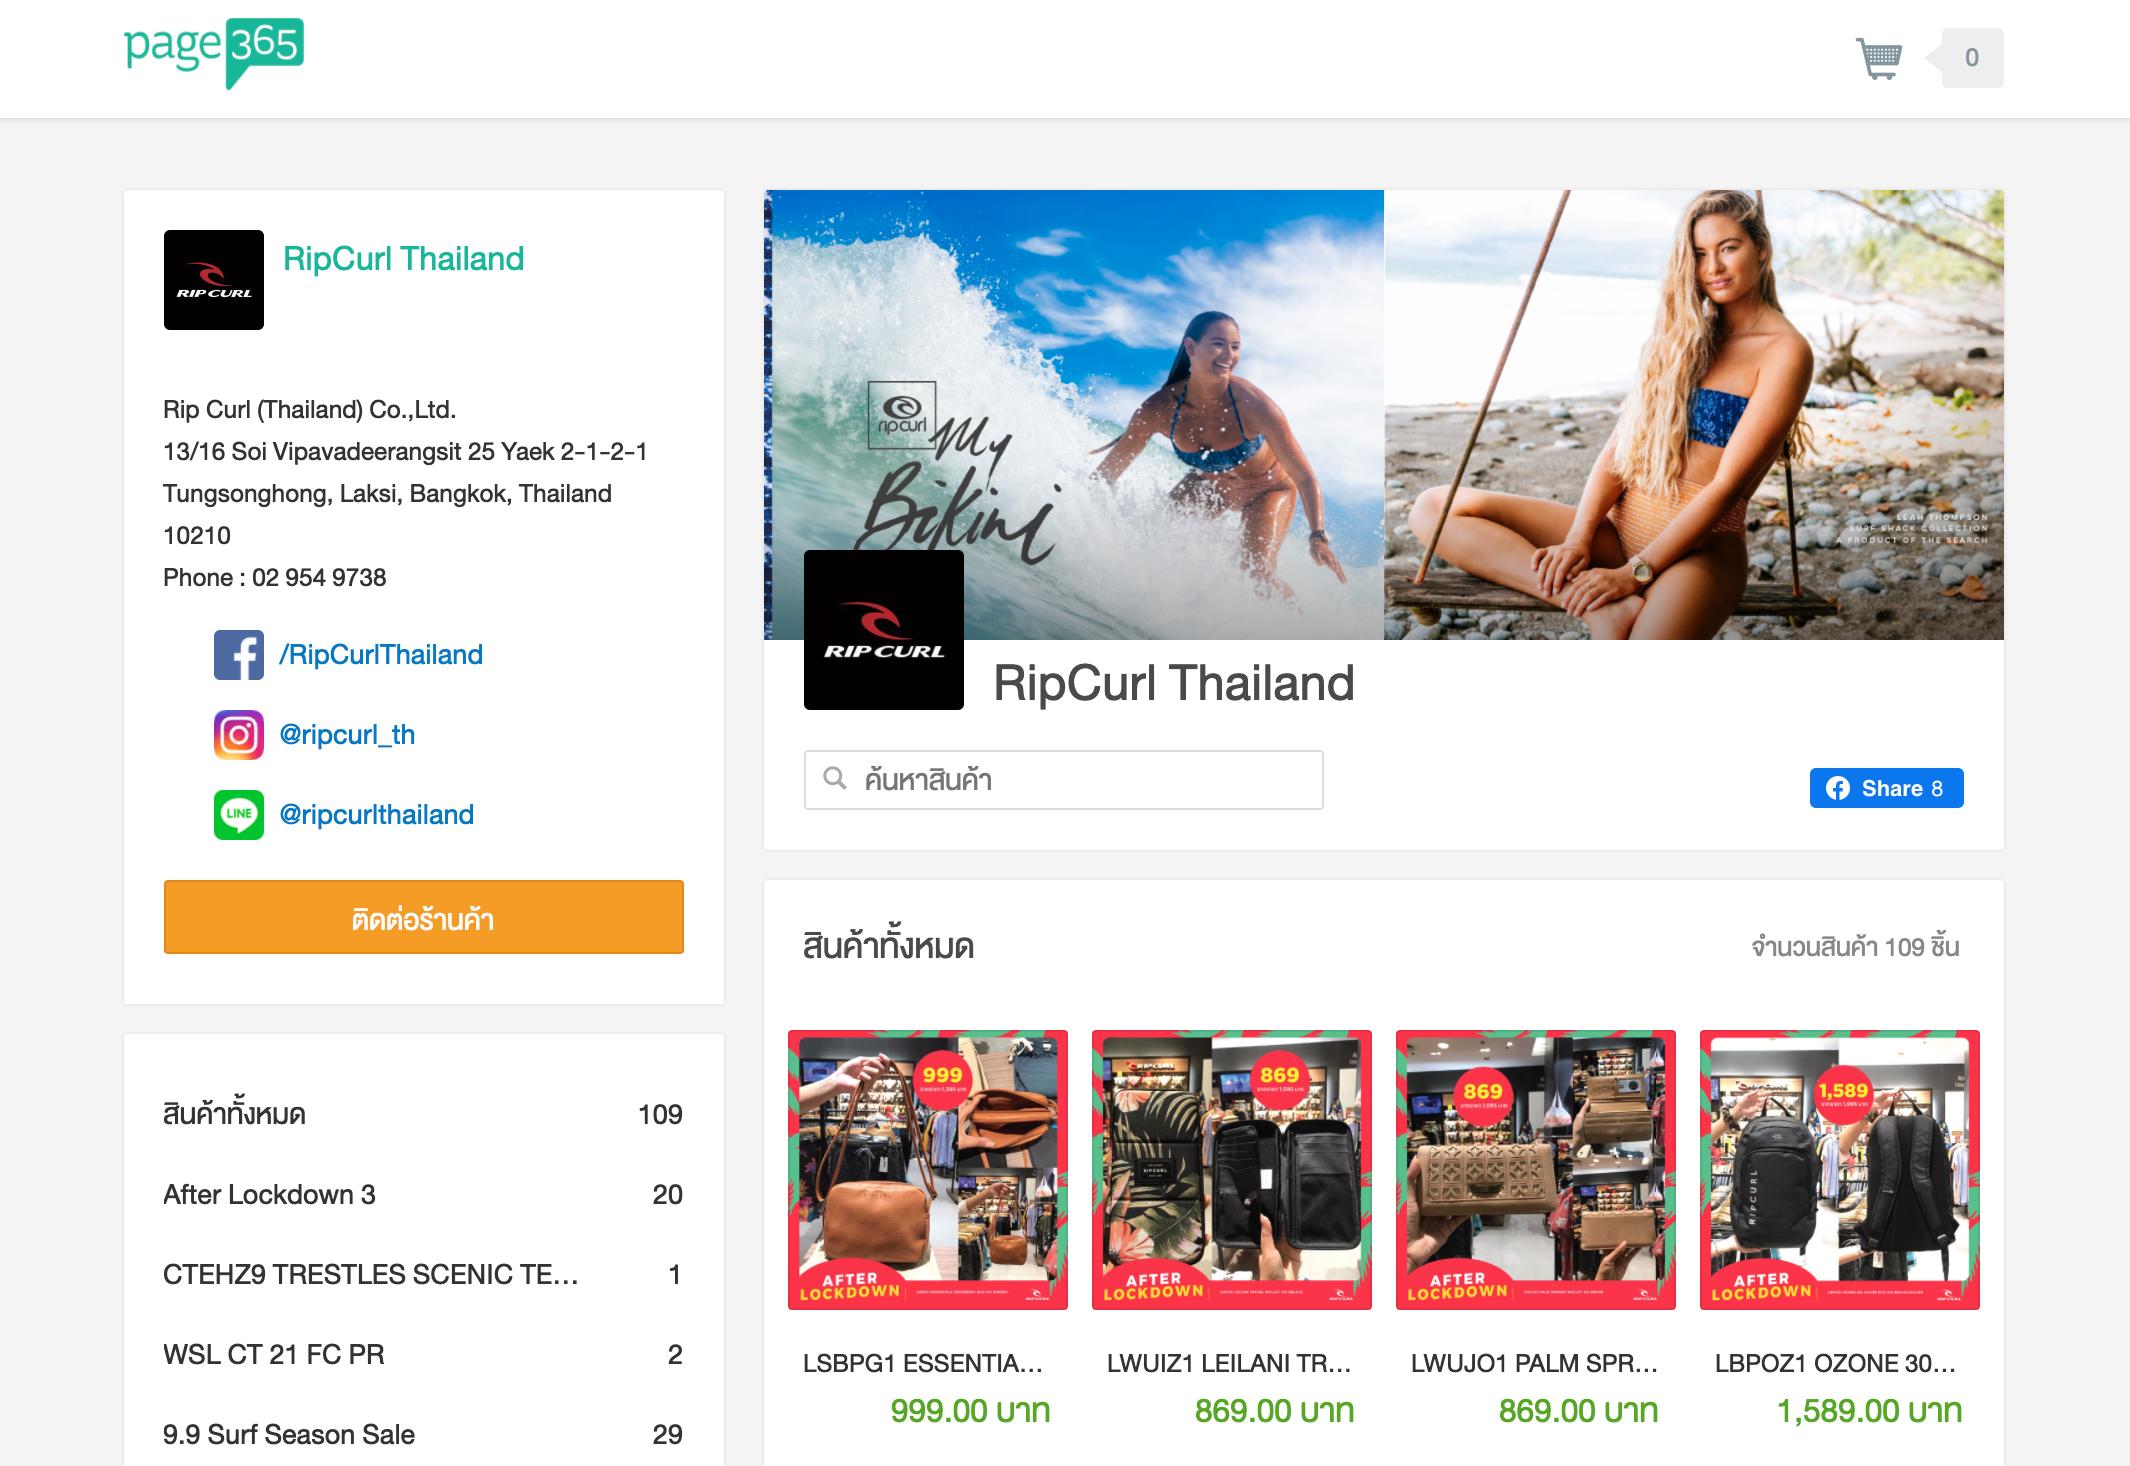 ตัวอย่างหน้าร้านค้าออนไลน์ จากร้าน : RipCurl Thailand